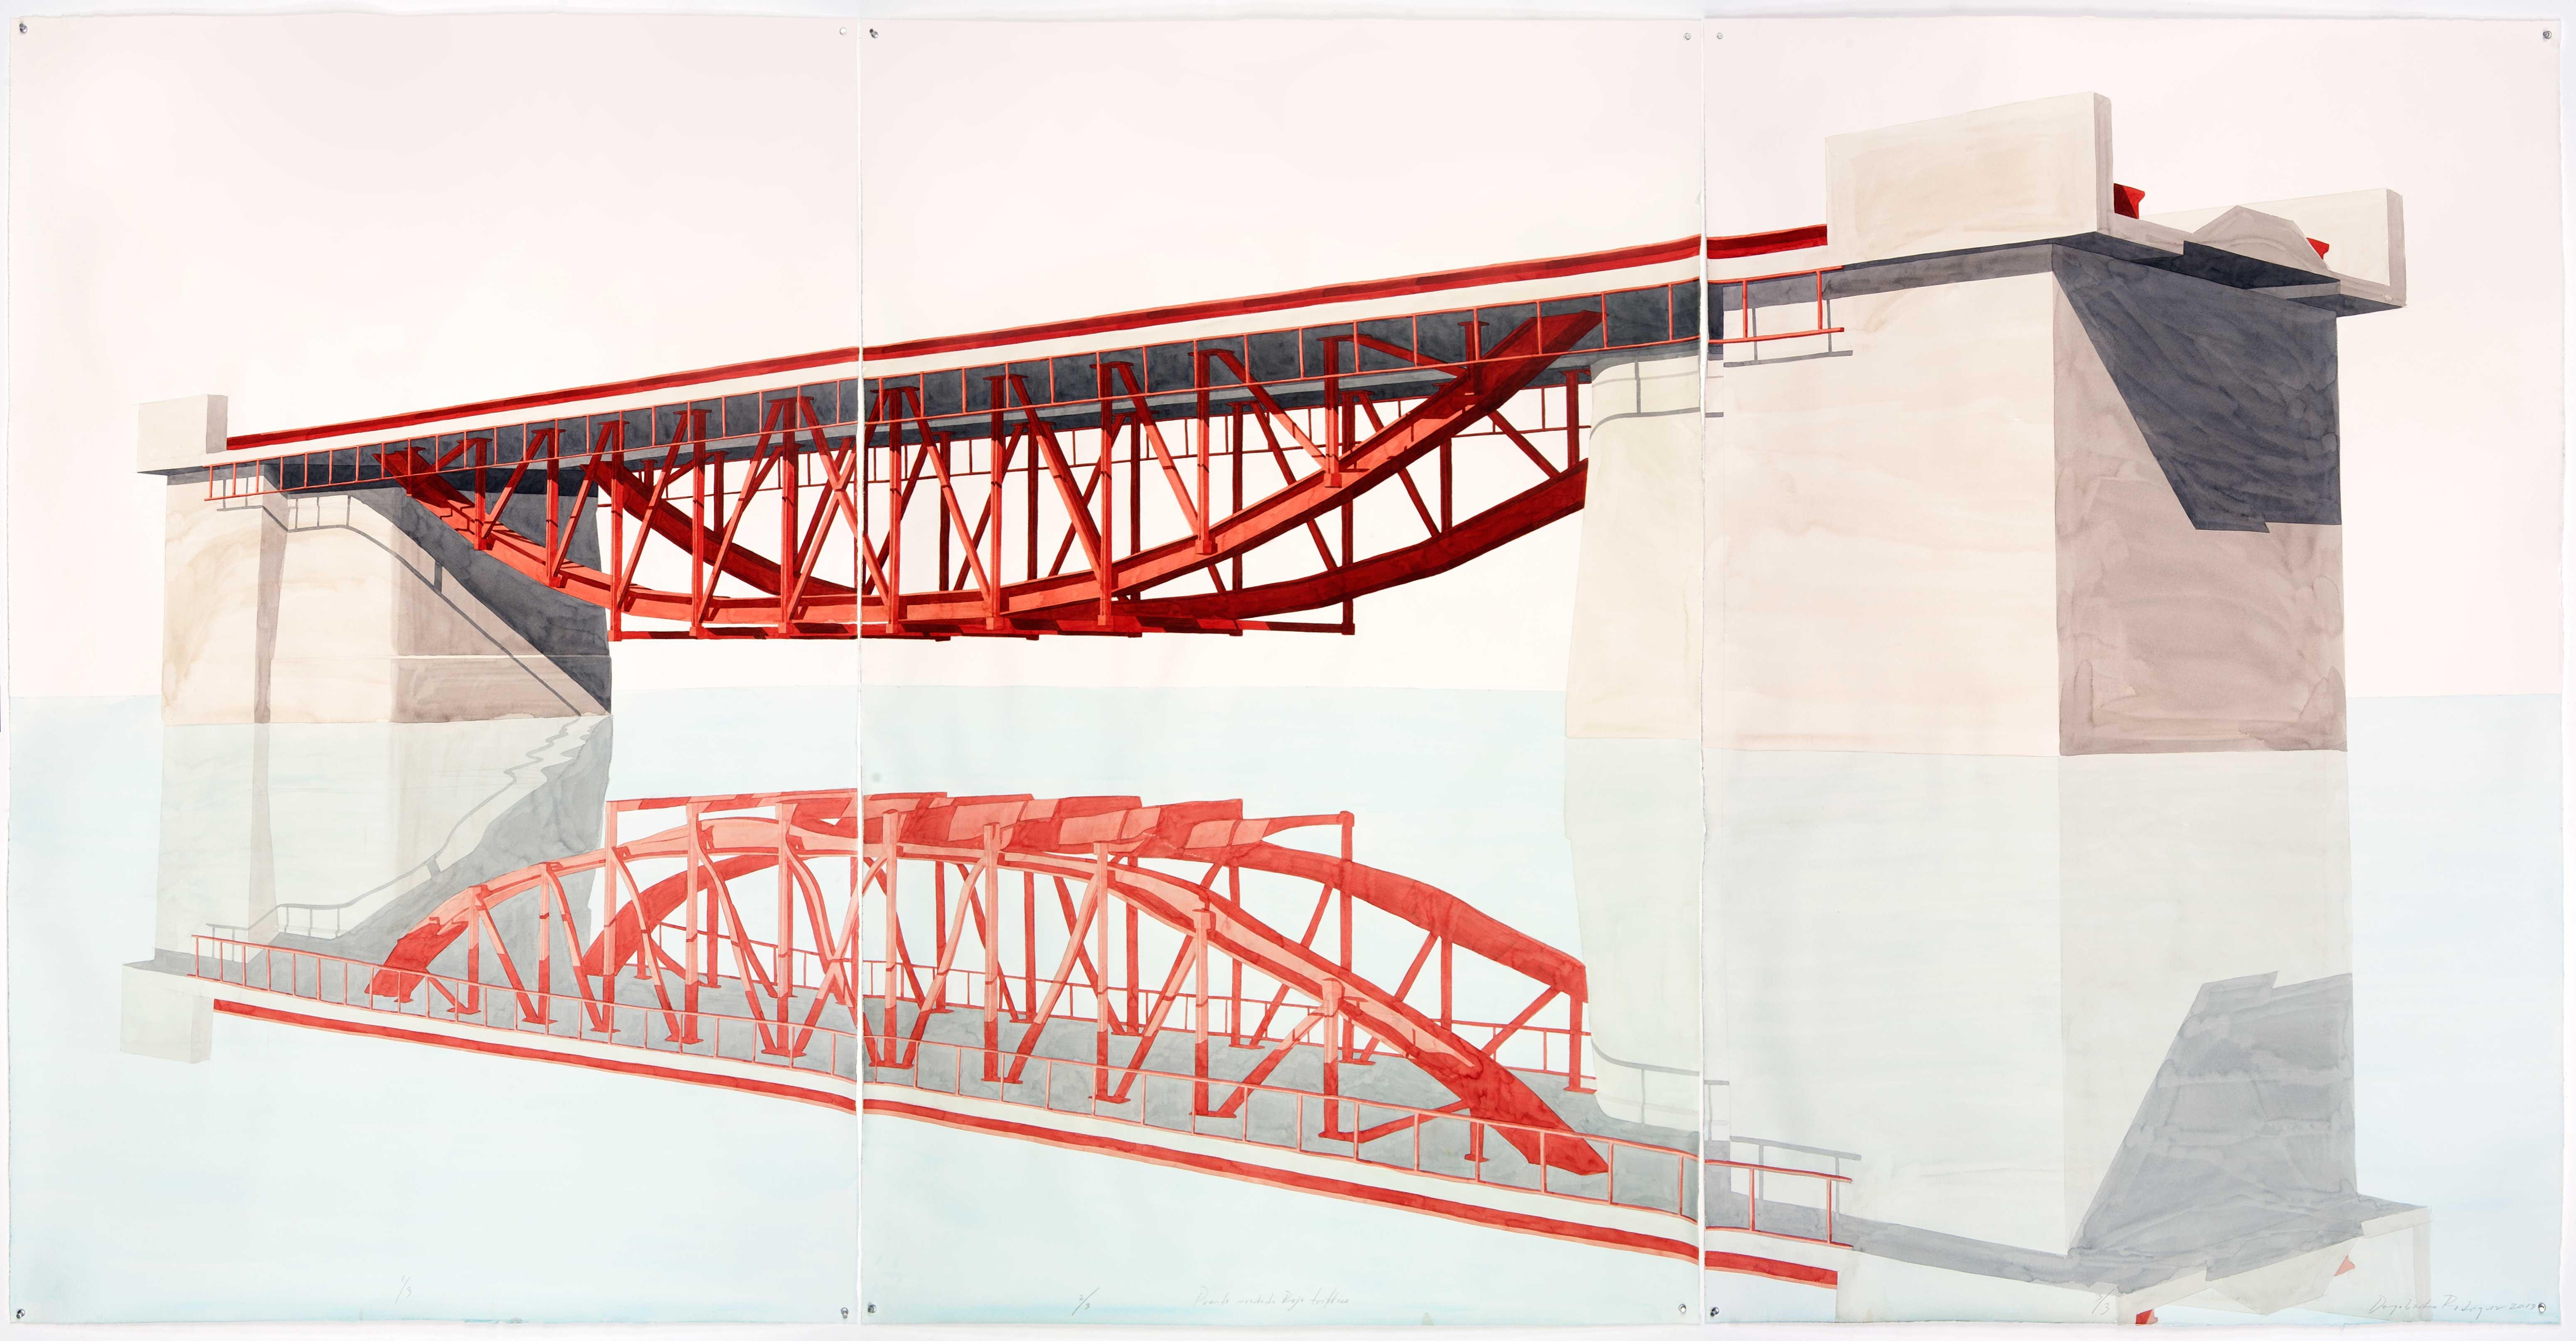 Puente invertido rojo, Tríptico